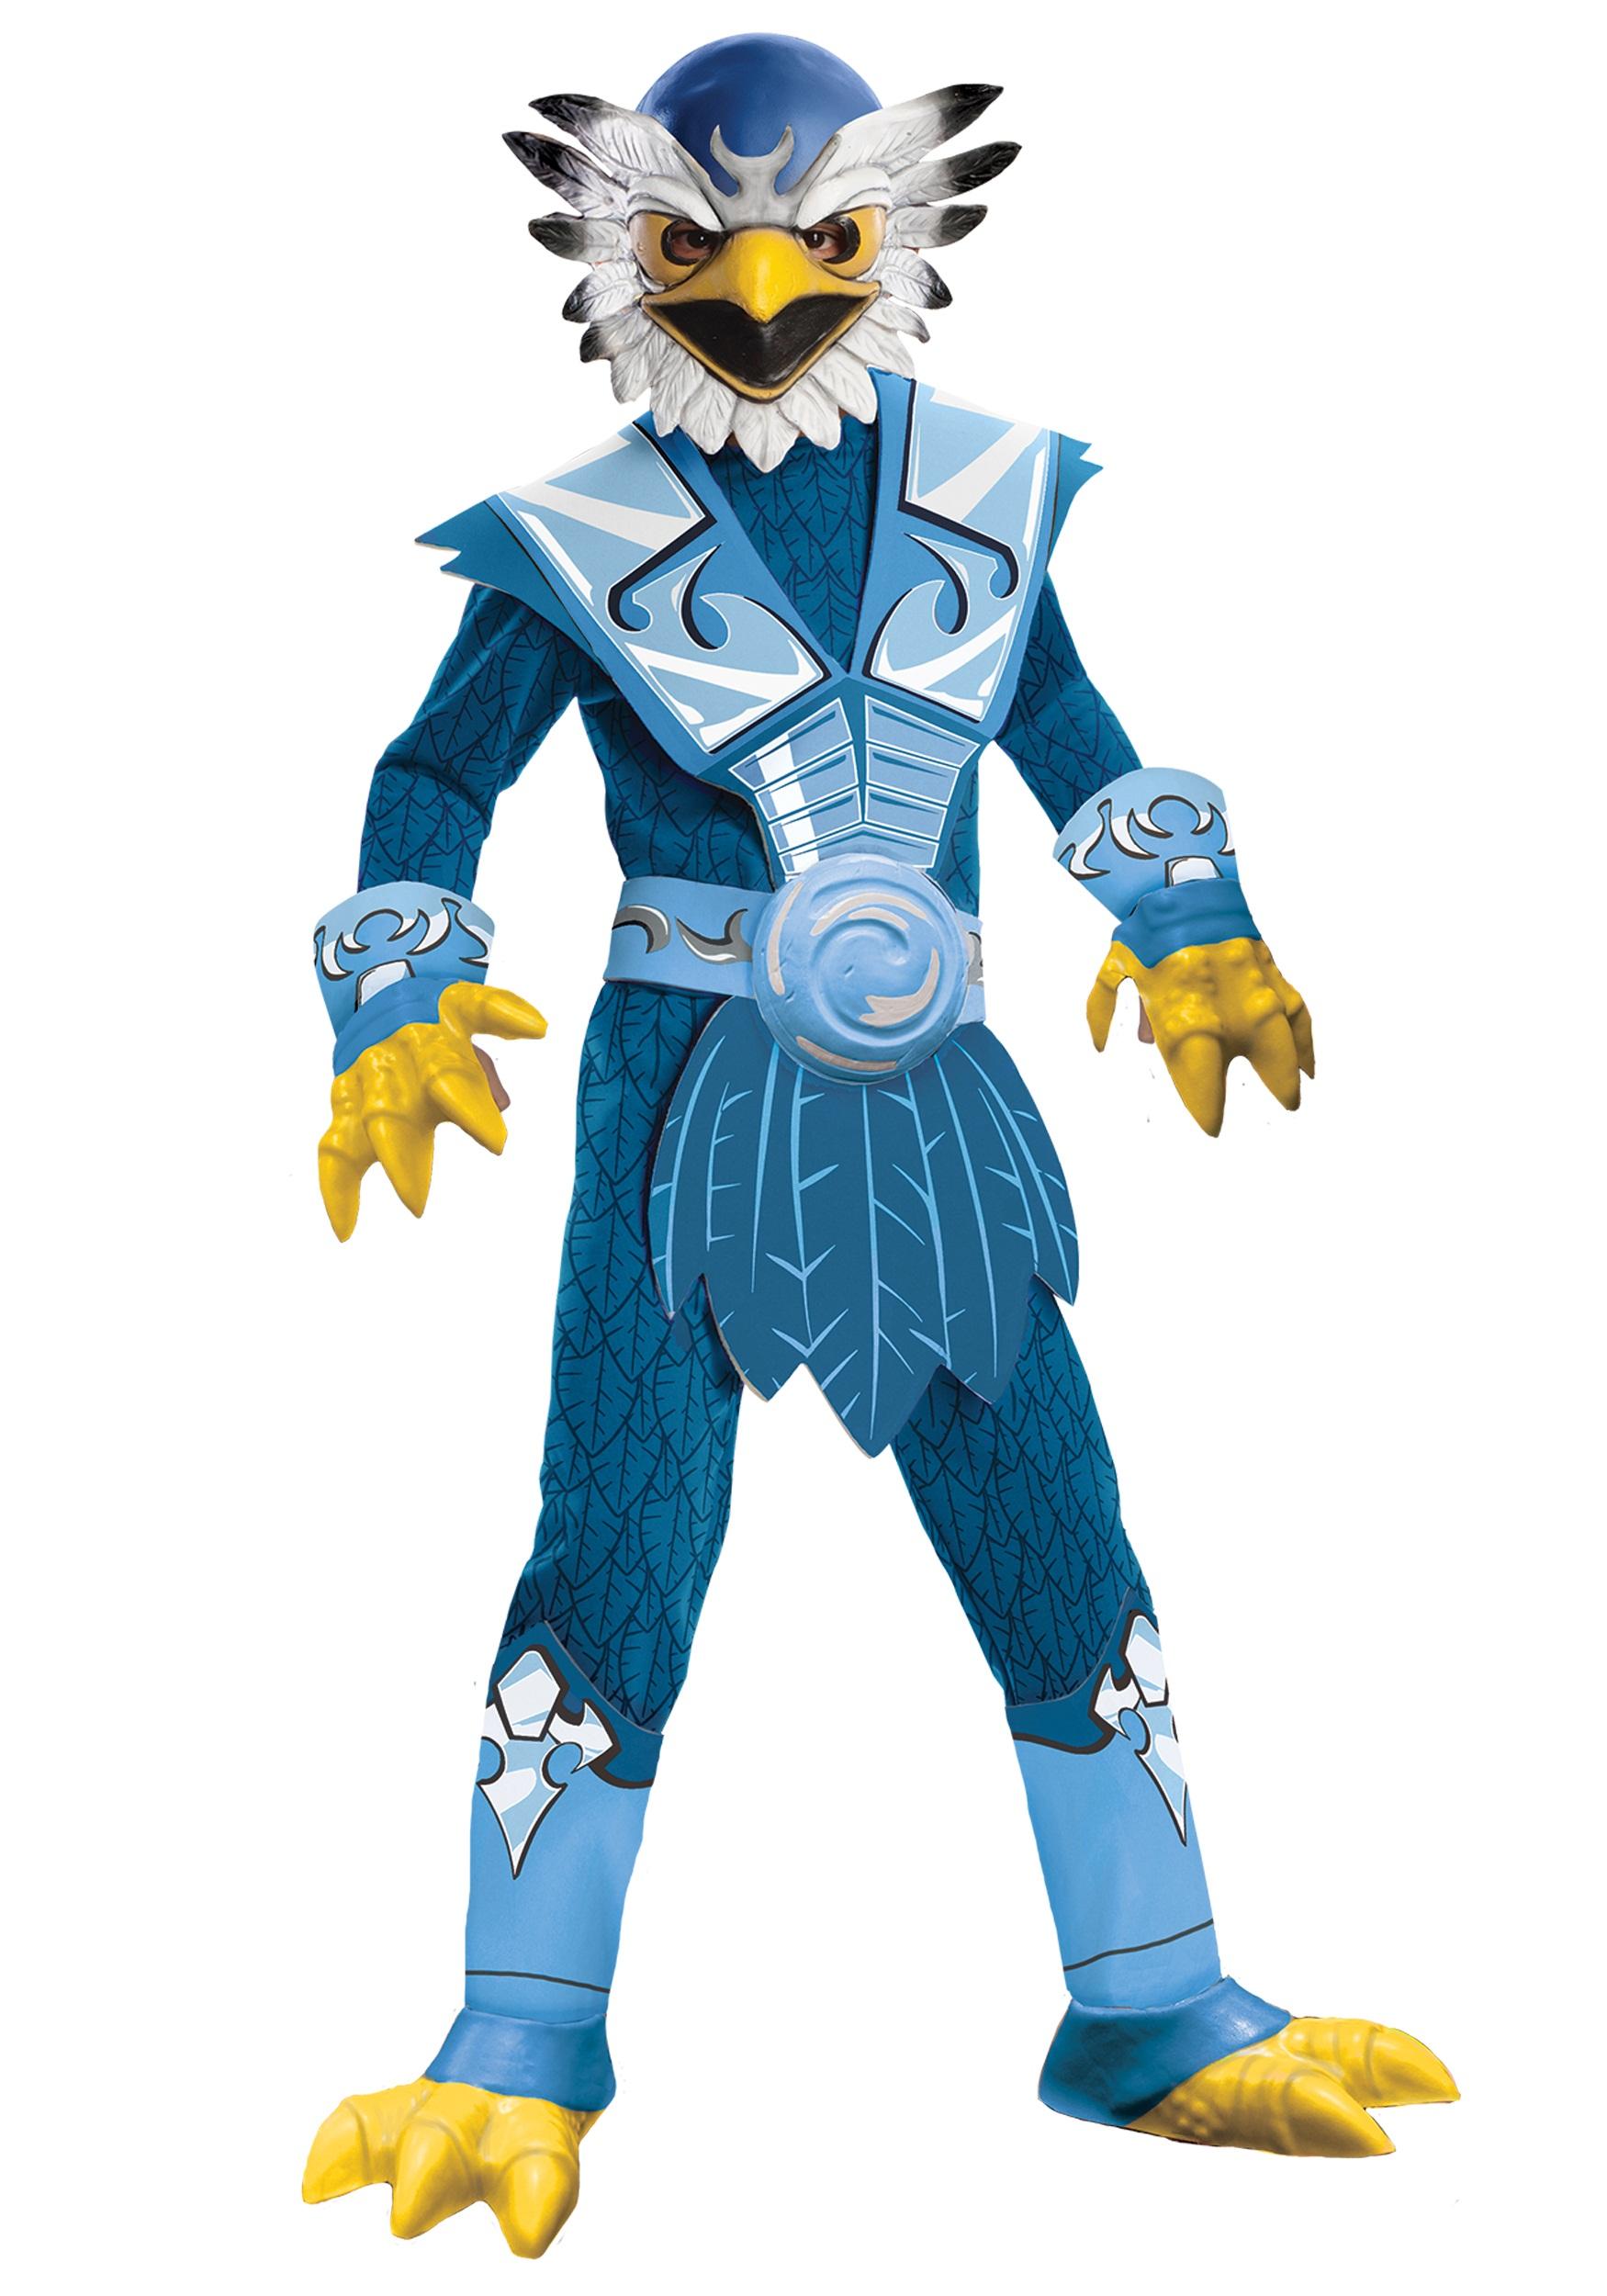 Boy's Skylanders Jet Vac Costume RU886787